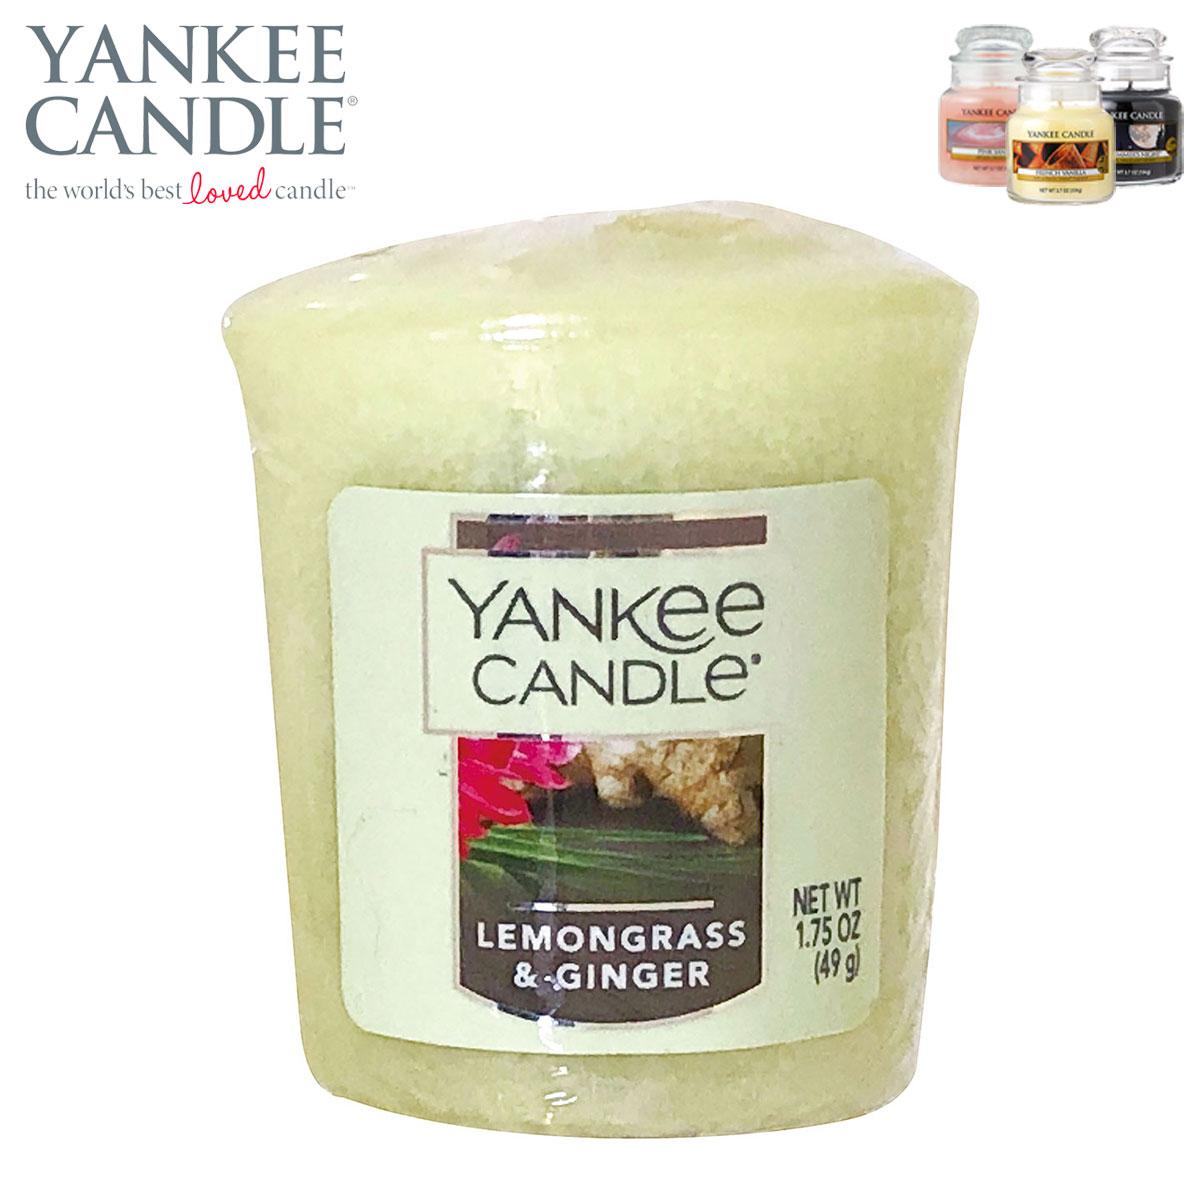 ヤンキーキャンドル サンプラー 正規販売店 YANKEE CANDLE アロマキャンドル フレグランス YCサンプラー レモングラス&ジンジャー K00105278 A49B B3C C3D D0E E00F